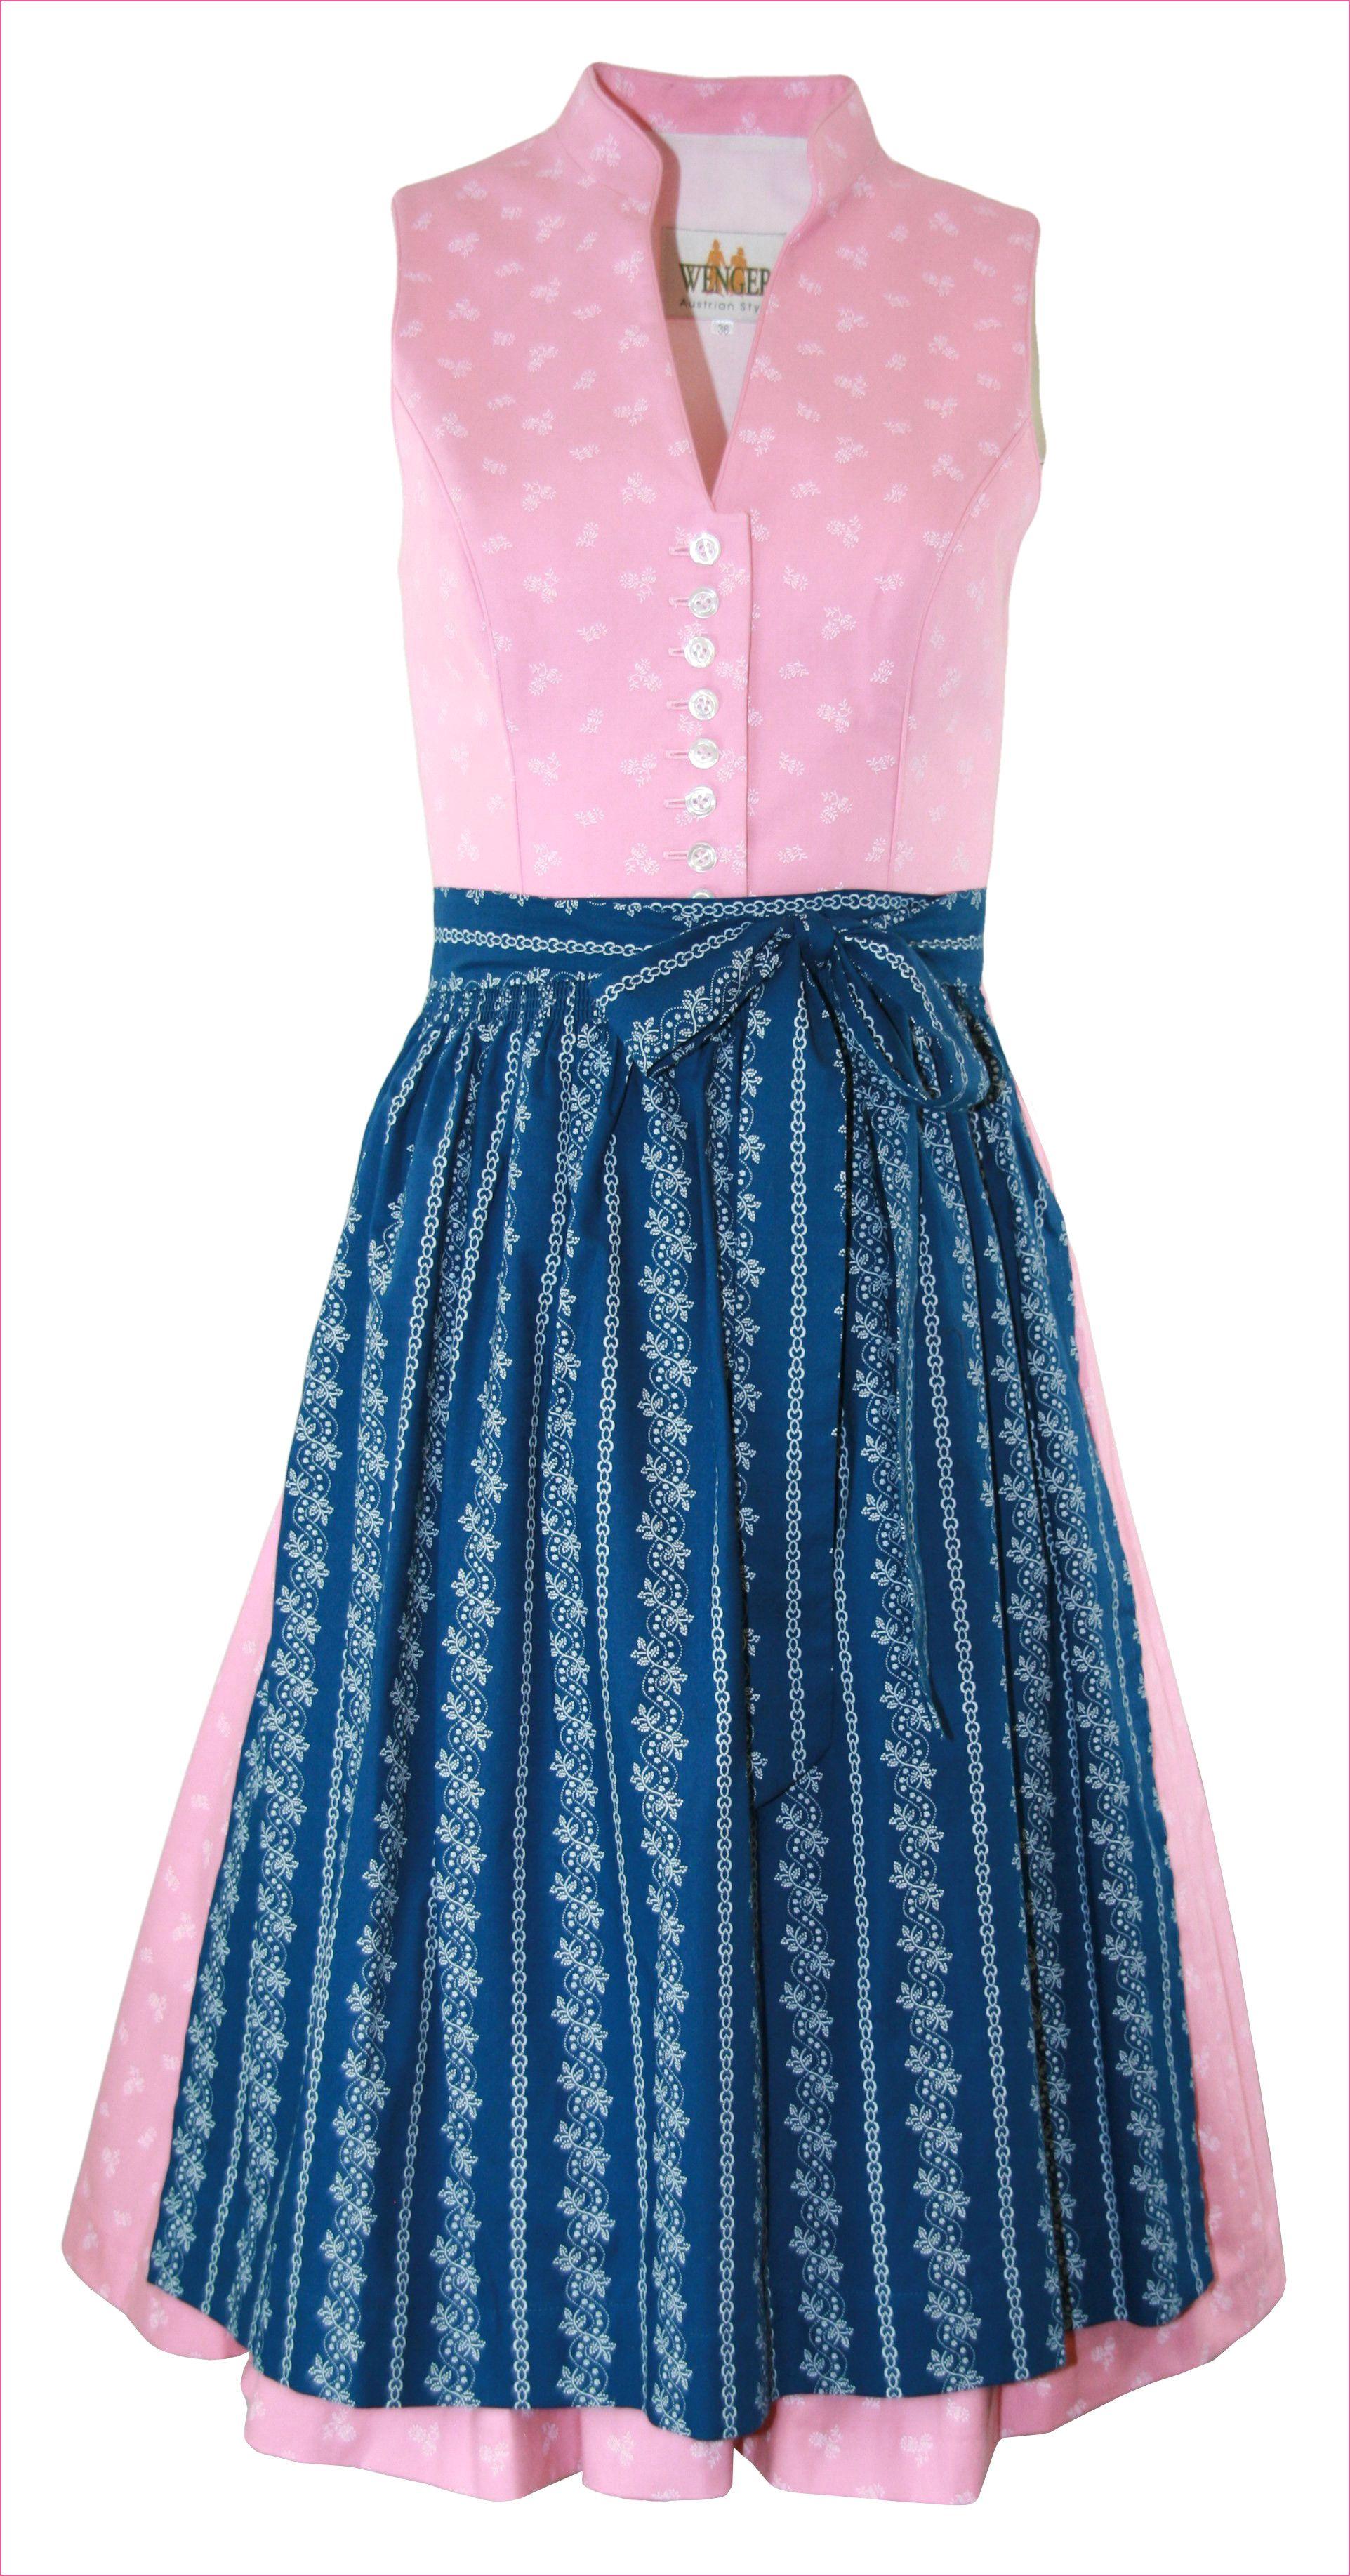 Mintfarbenes Kleid in 10  Mintfarbenes kleid, Kleider, Modestil